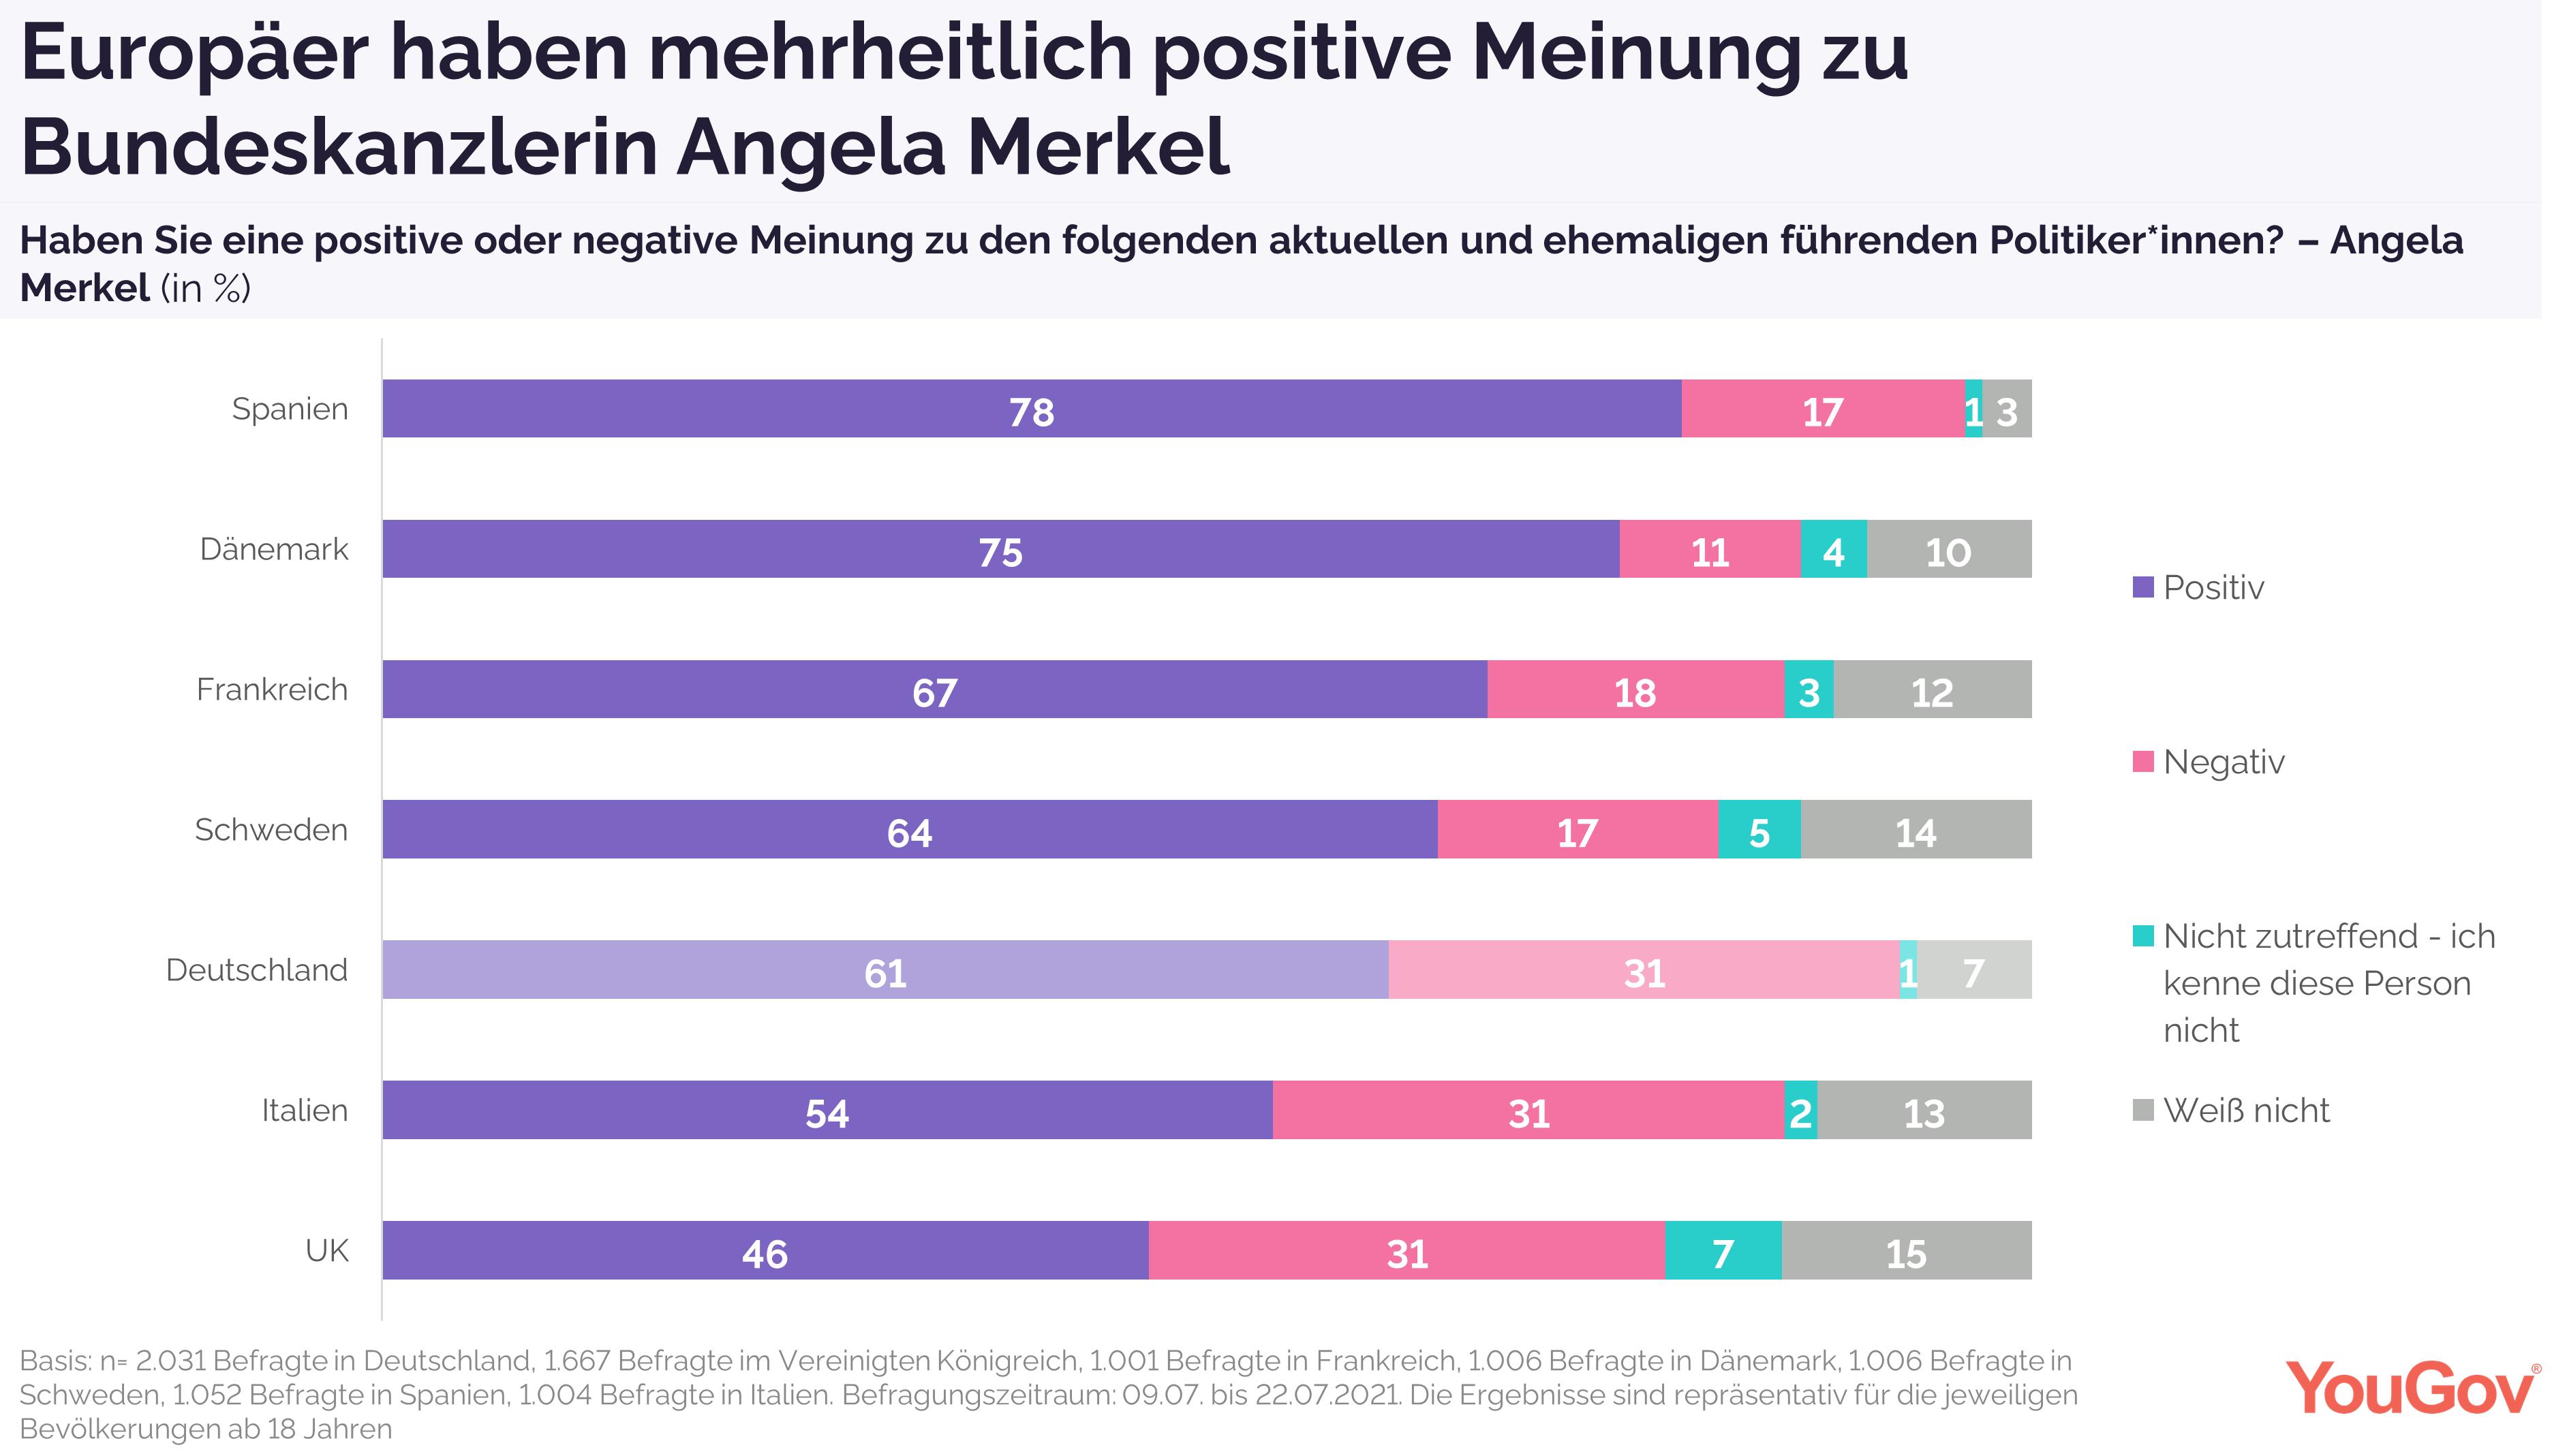 Mehrheitlich positive Meinung zu Angela Merkel in Europa